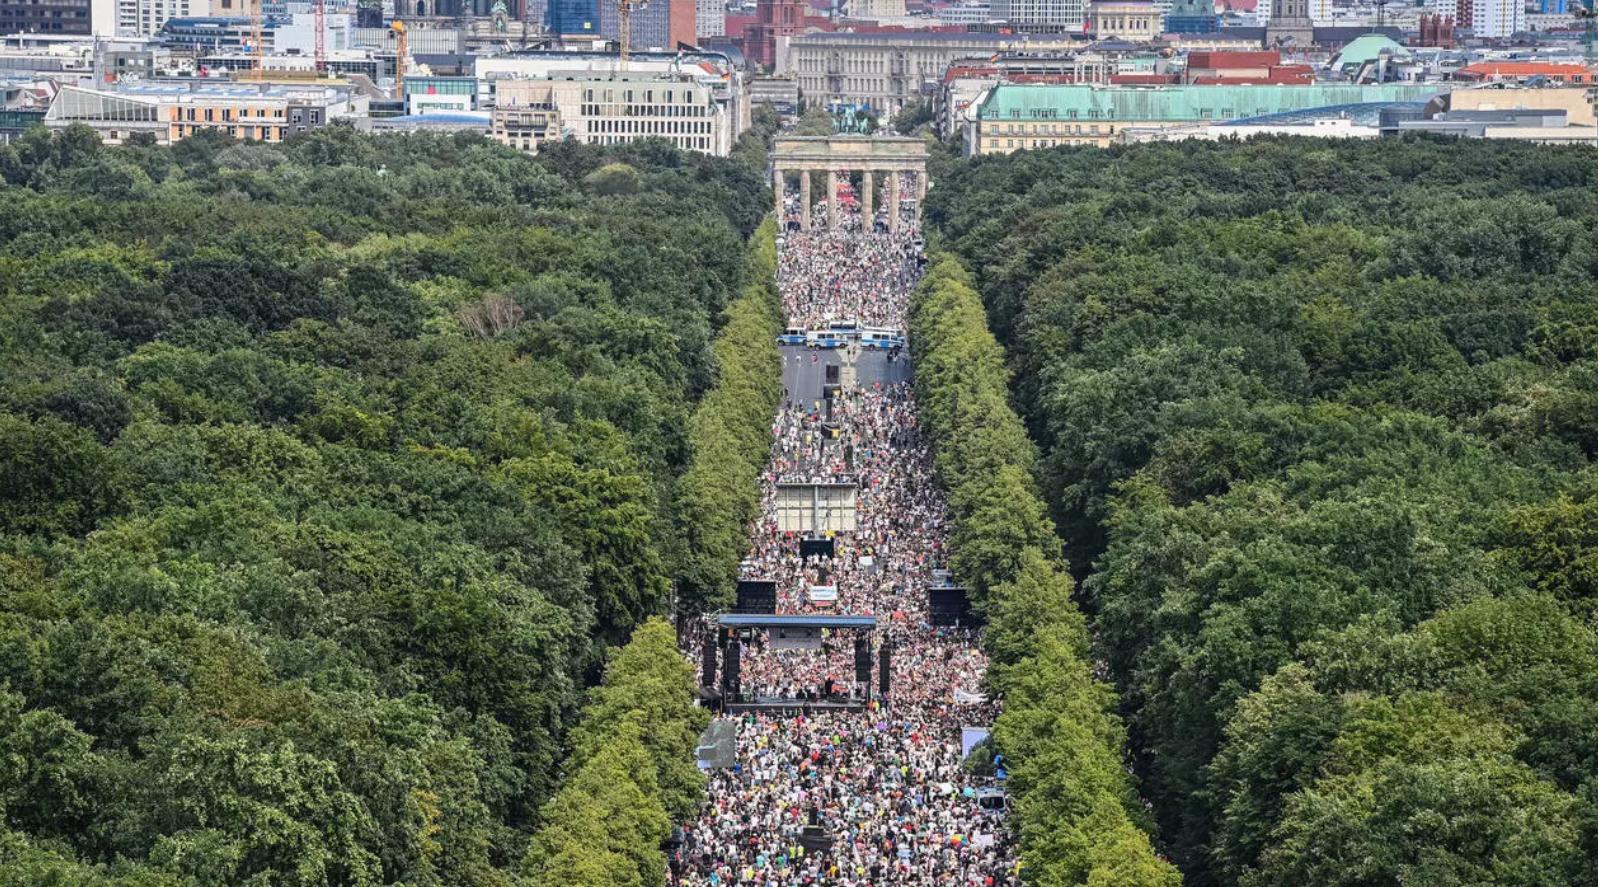 تظاهرة في برلين ضد إجراءات وتدابير مواجهة كورونا - فرانس 24